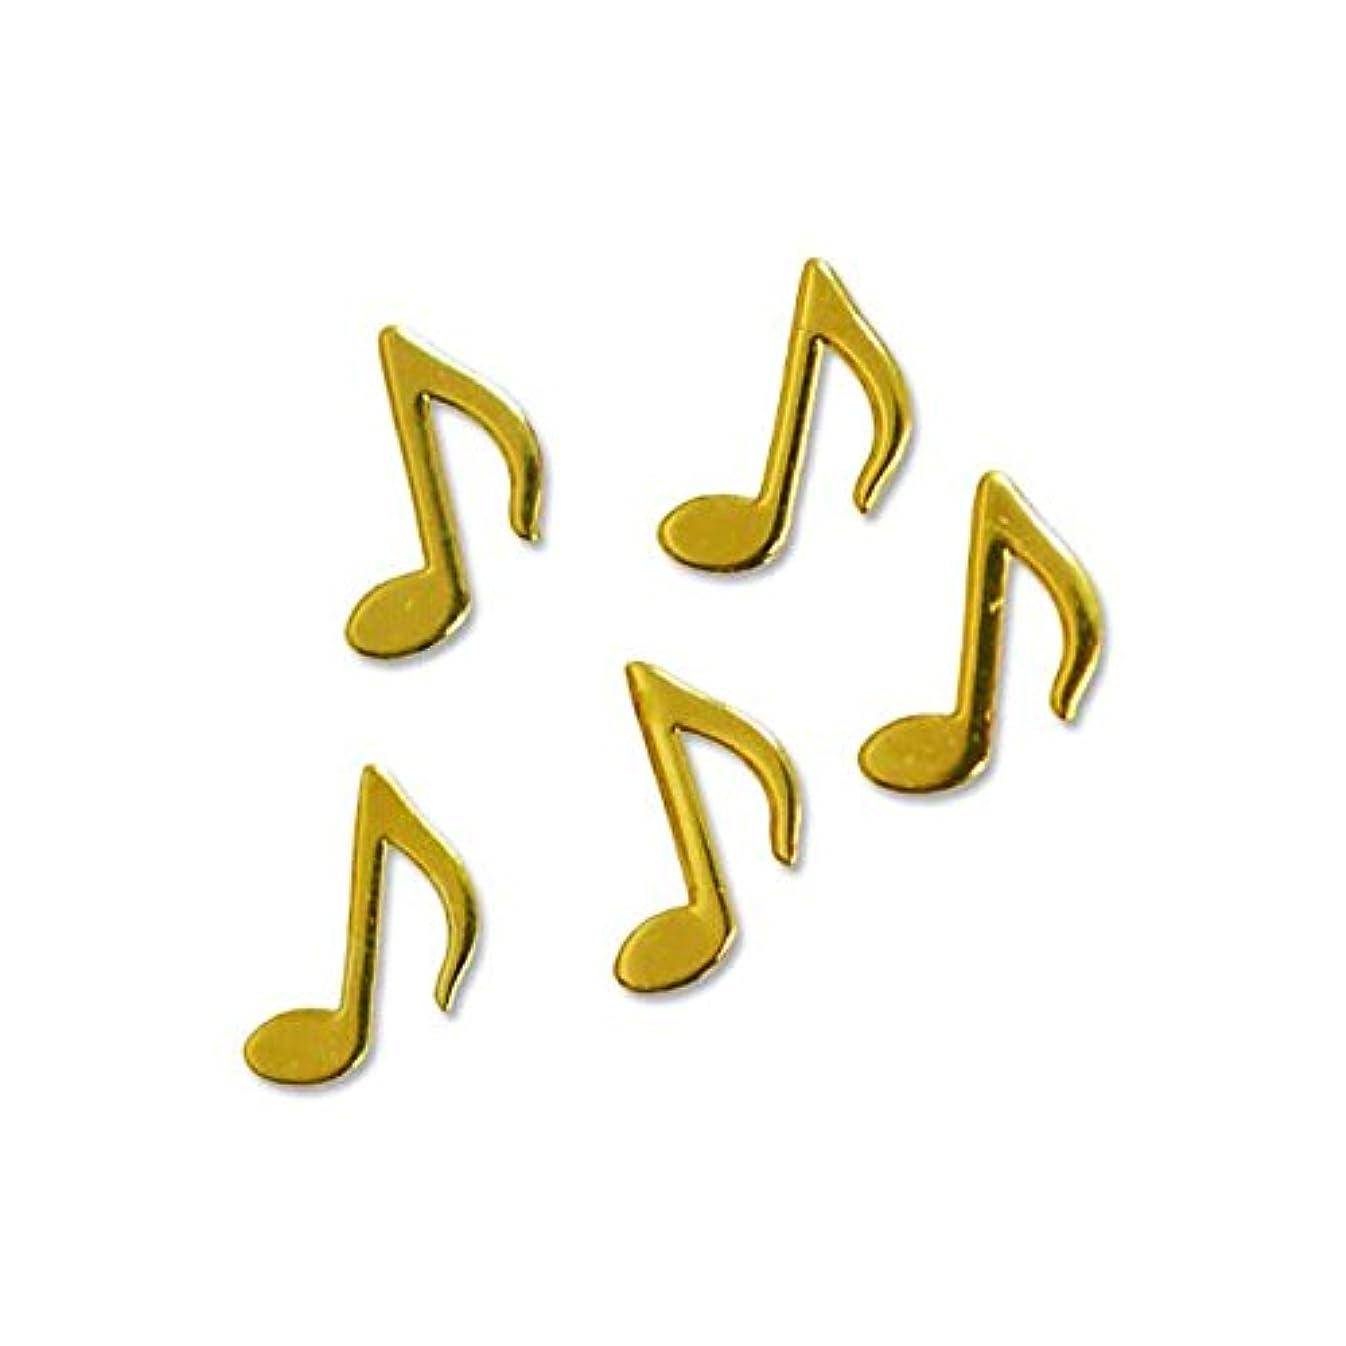 キャンベラ舗装するめまいが薄型メタルパーツ10025ミュージック 音符 おたまじゃくし4mm×5mm(ゴールド)/20p入り